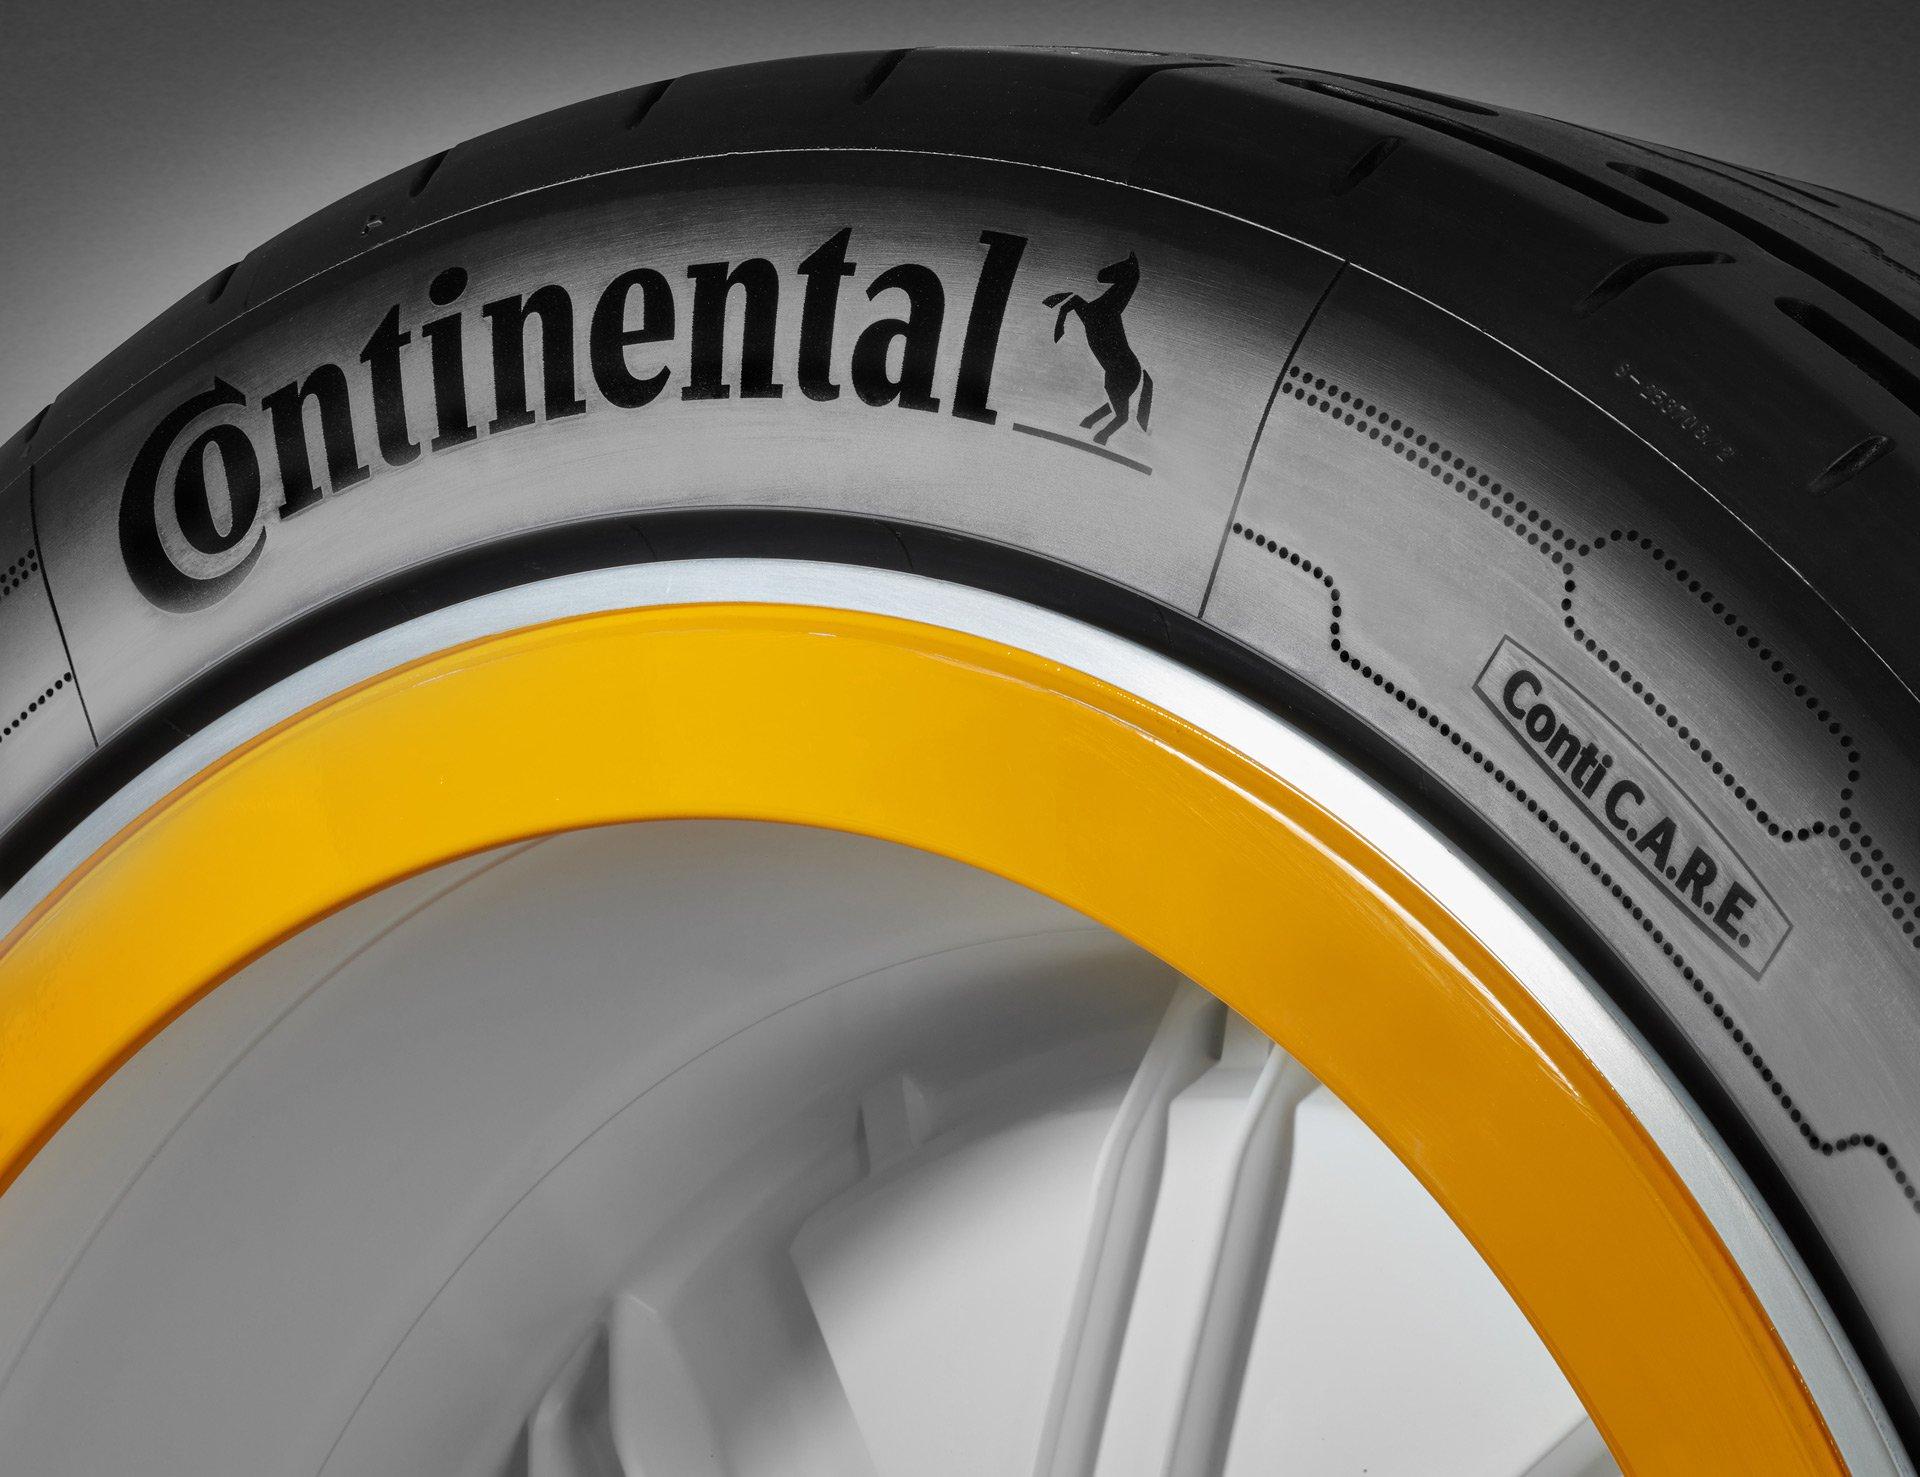 Continental Conti C.A.R.E.